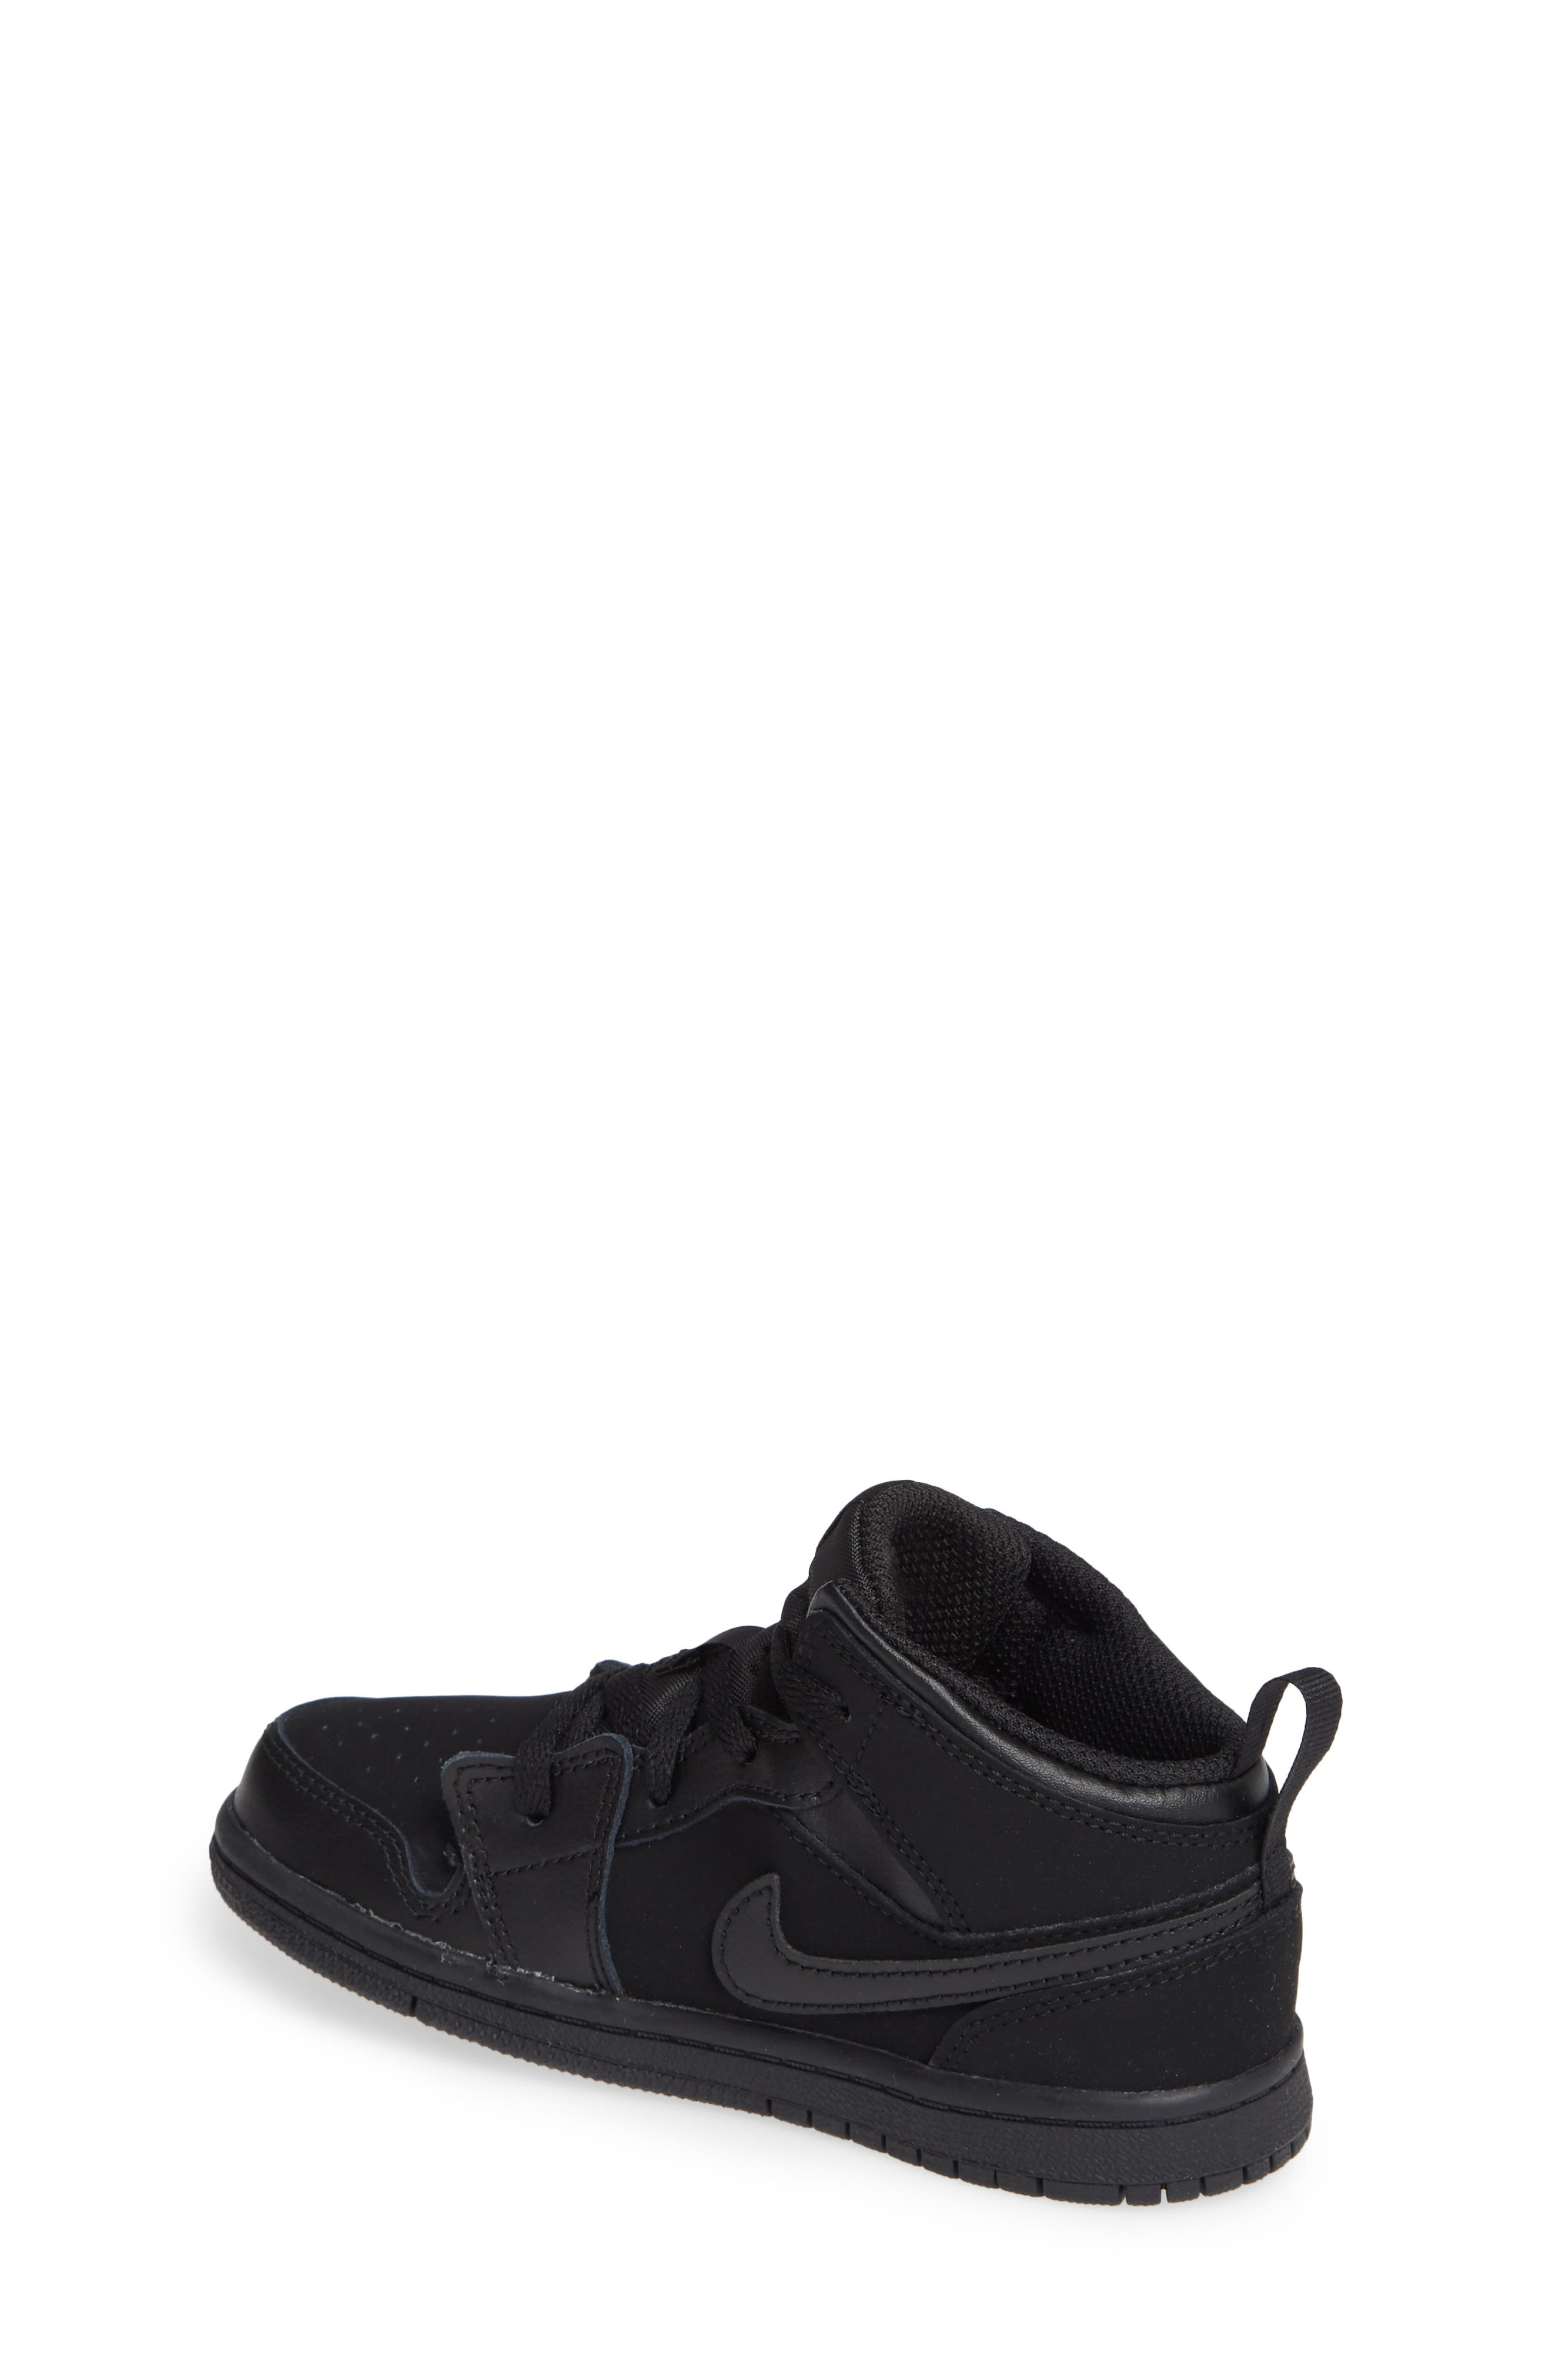 Nike 'Air Jordan 1 Mid' Sneaker,                             Alternate thumbnail 2, color,                             BLACK/ DARK GREY/ BLACK